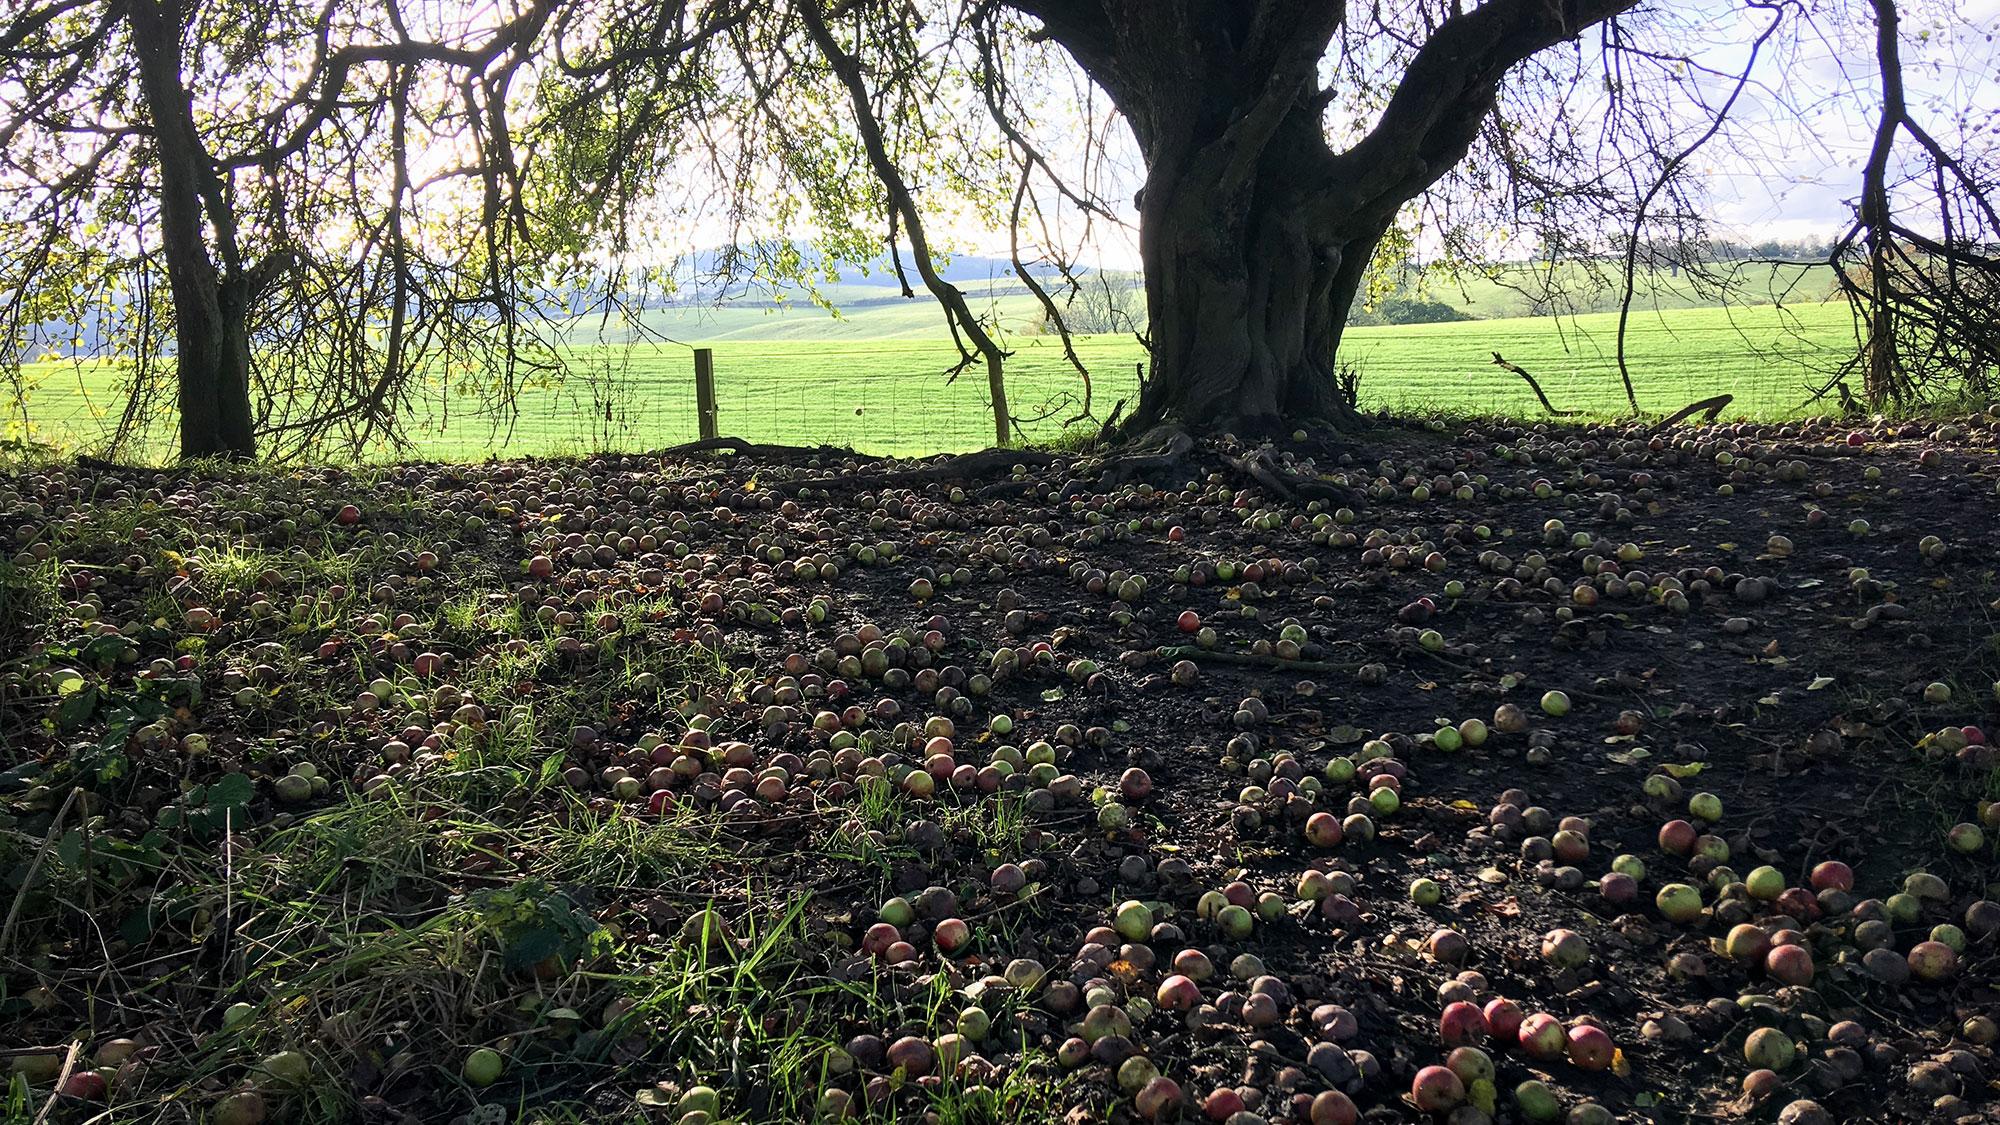 Sehr viele Äpfel unter einem Baum